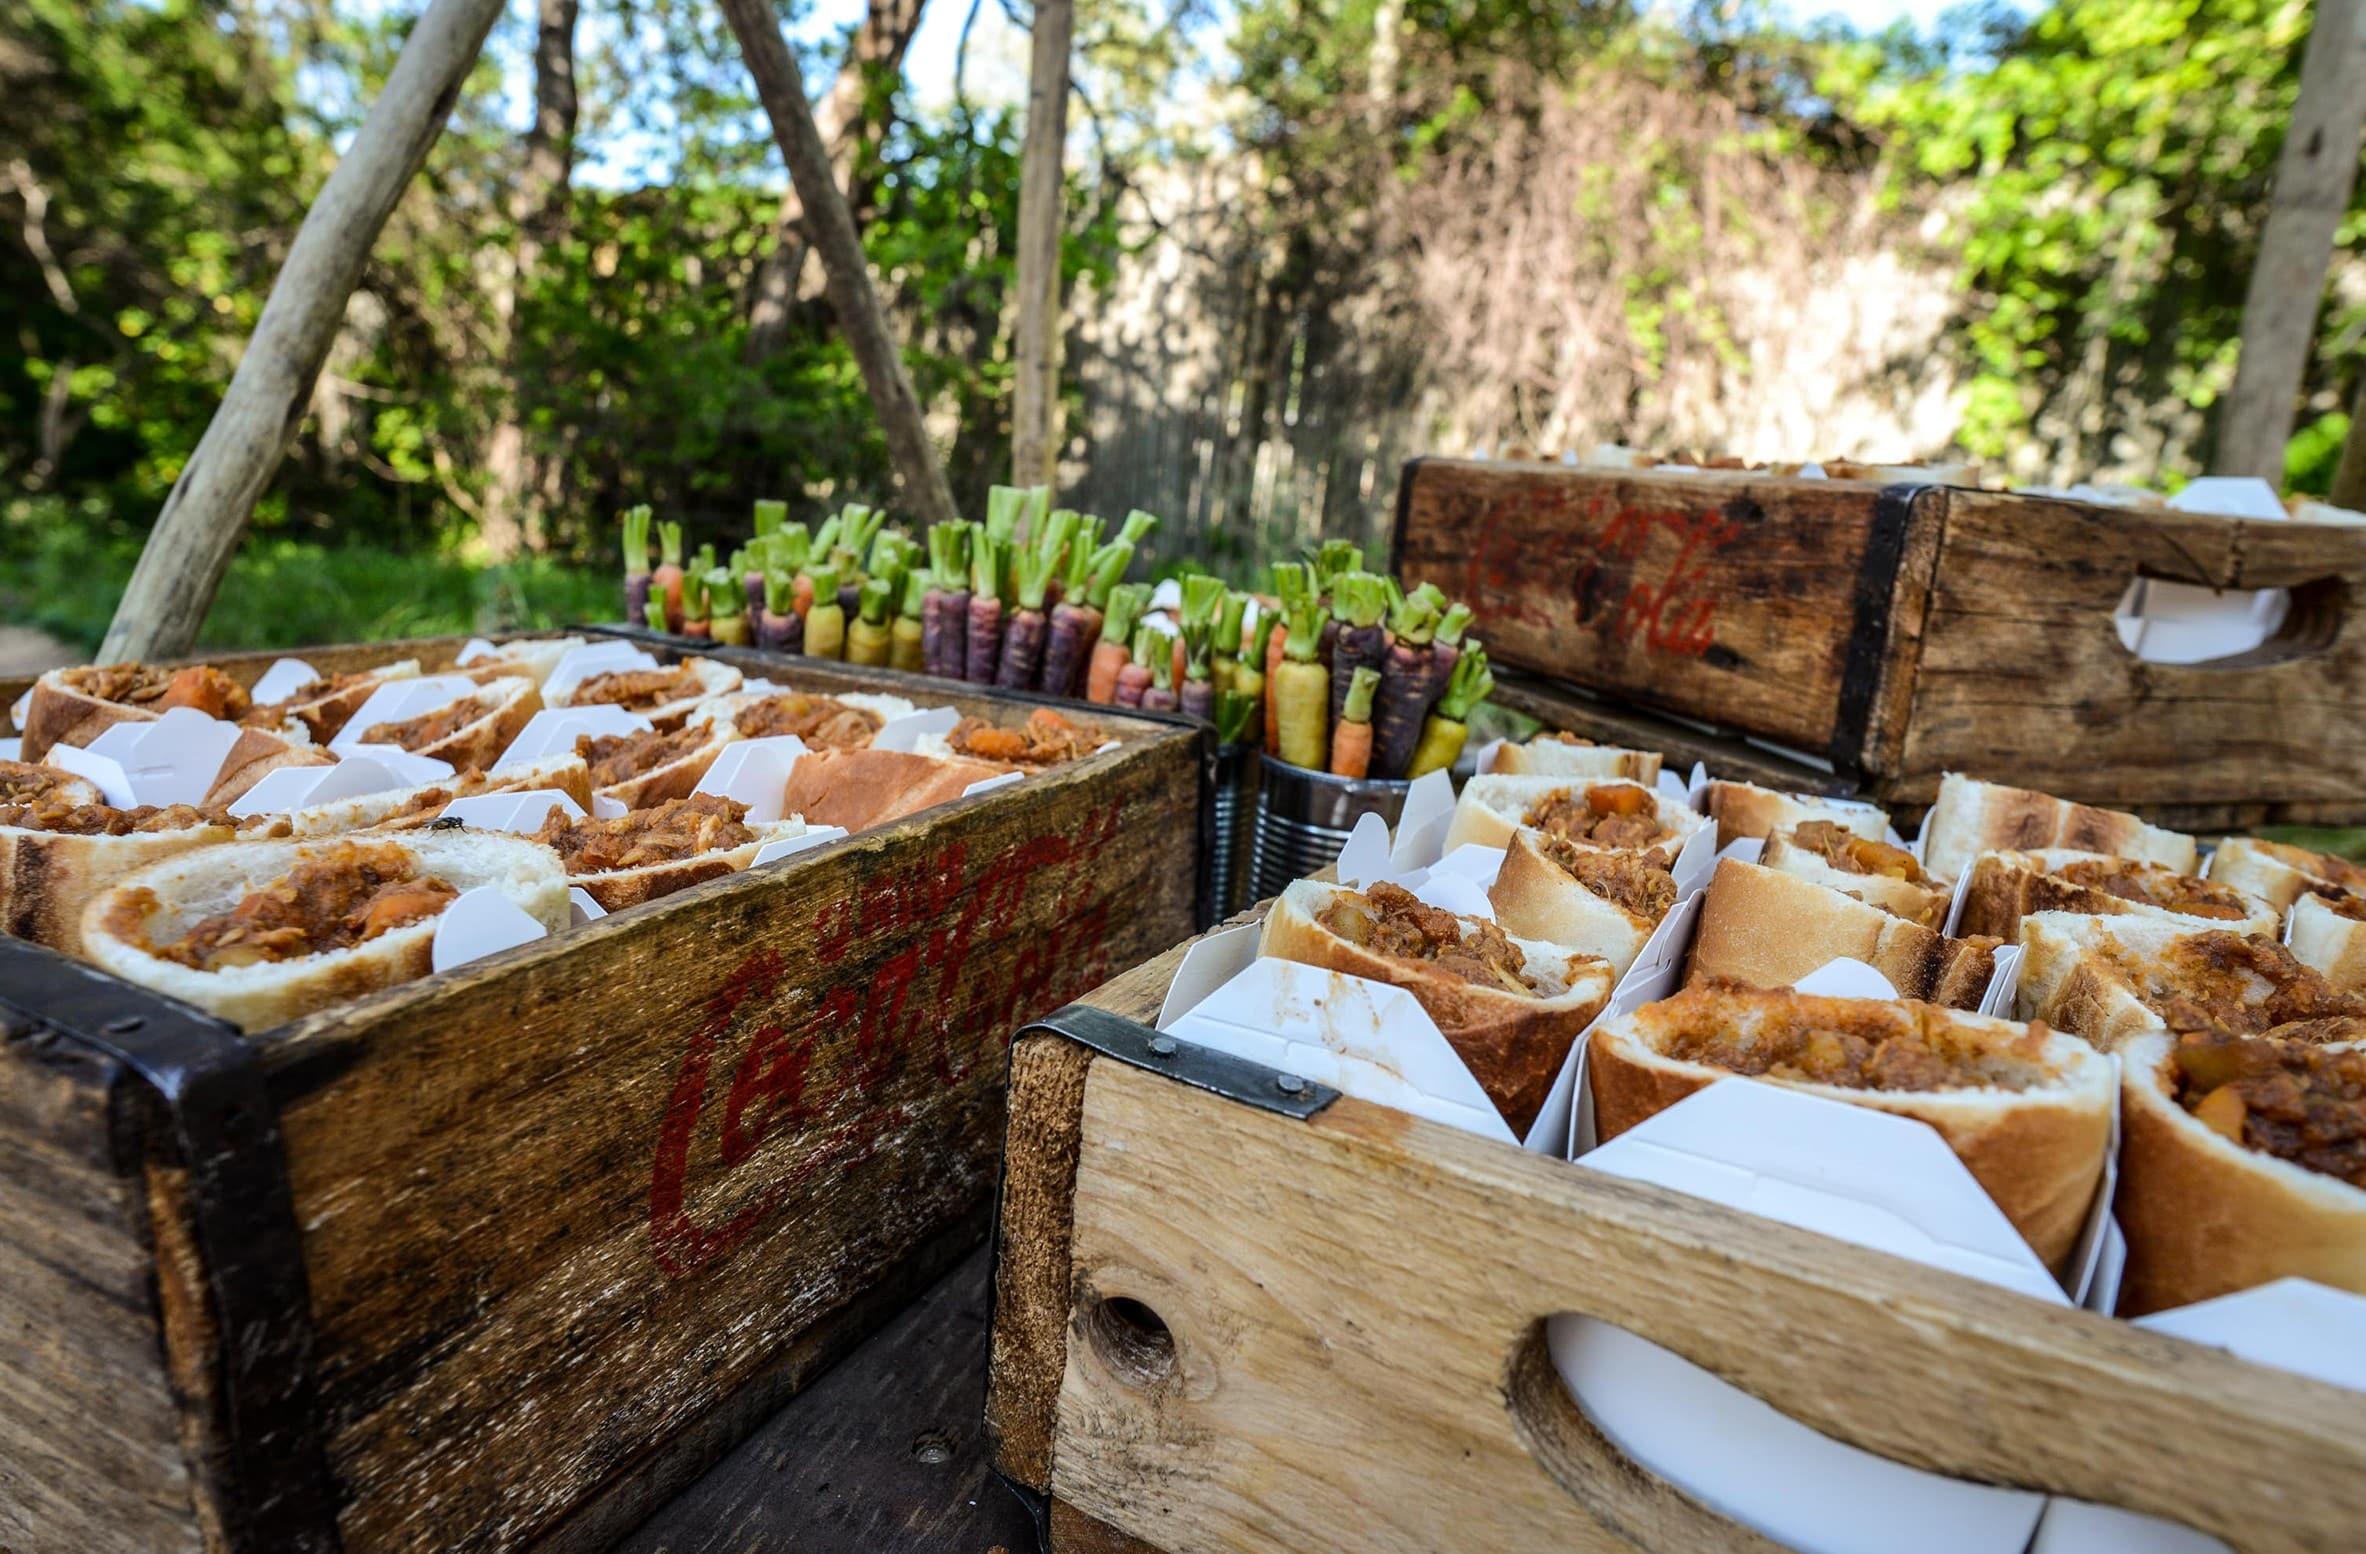 Bunny chow at Londolozi